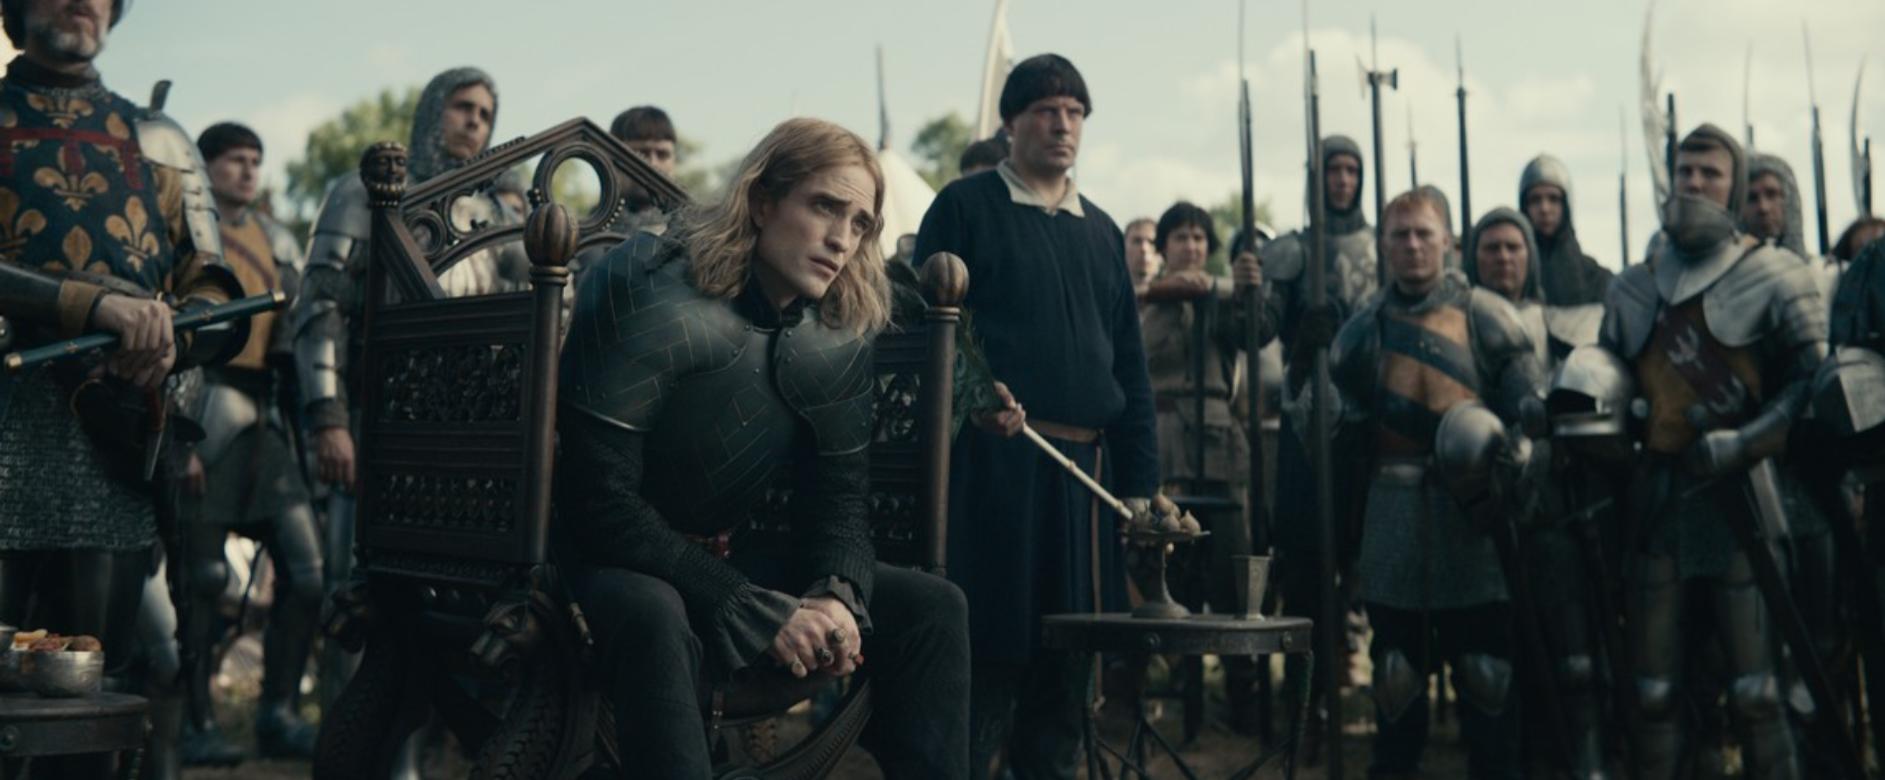 The King, da Netflix, chegou com aprovação em alta no Rotten Tomatoes (Foto: Divulgação)